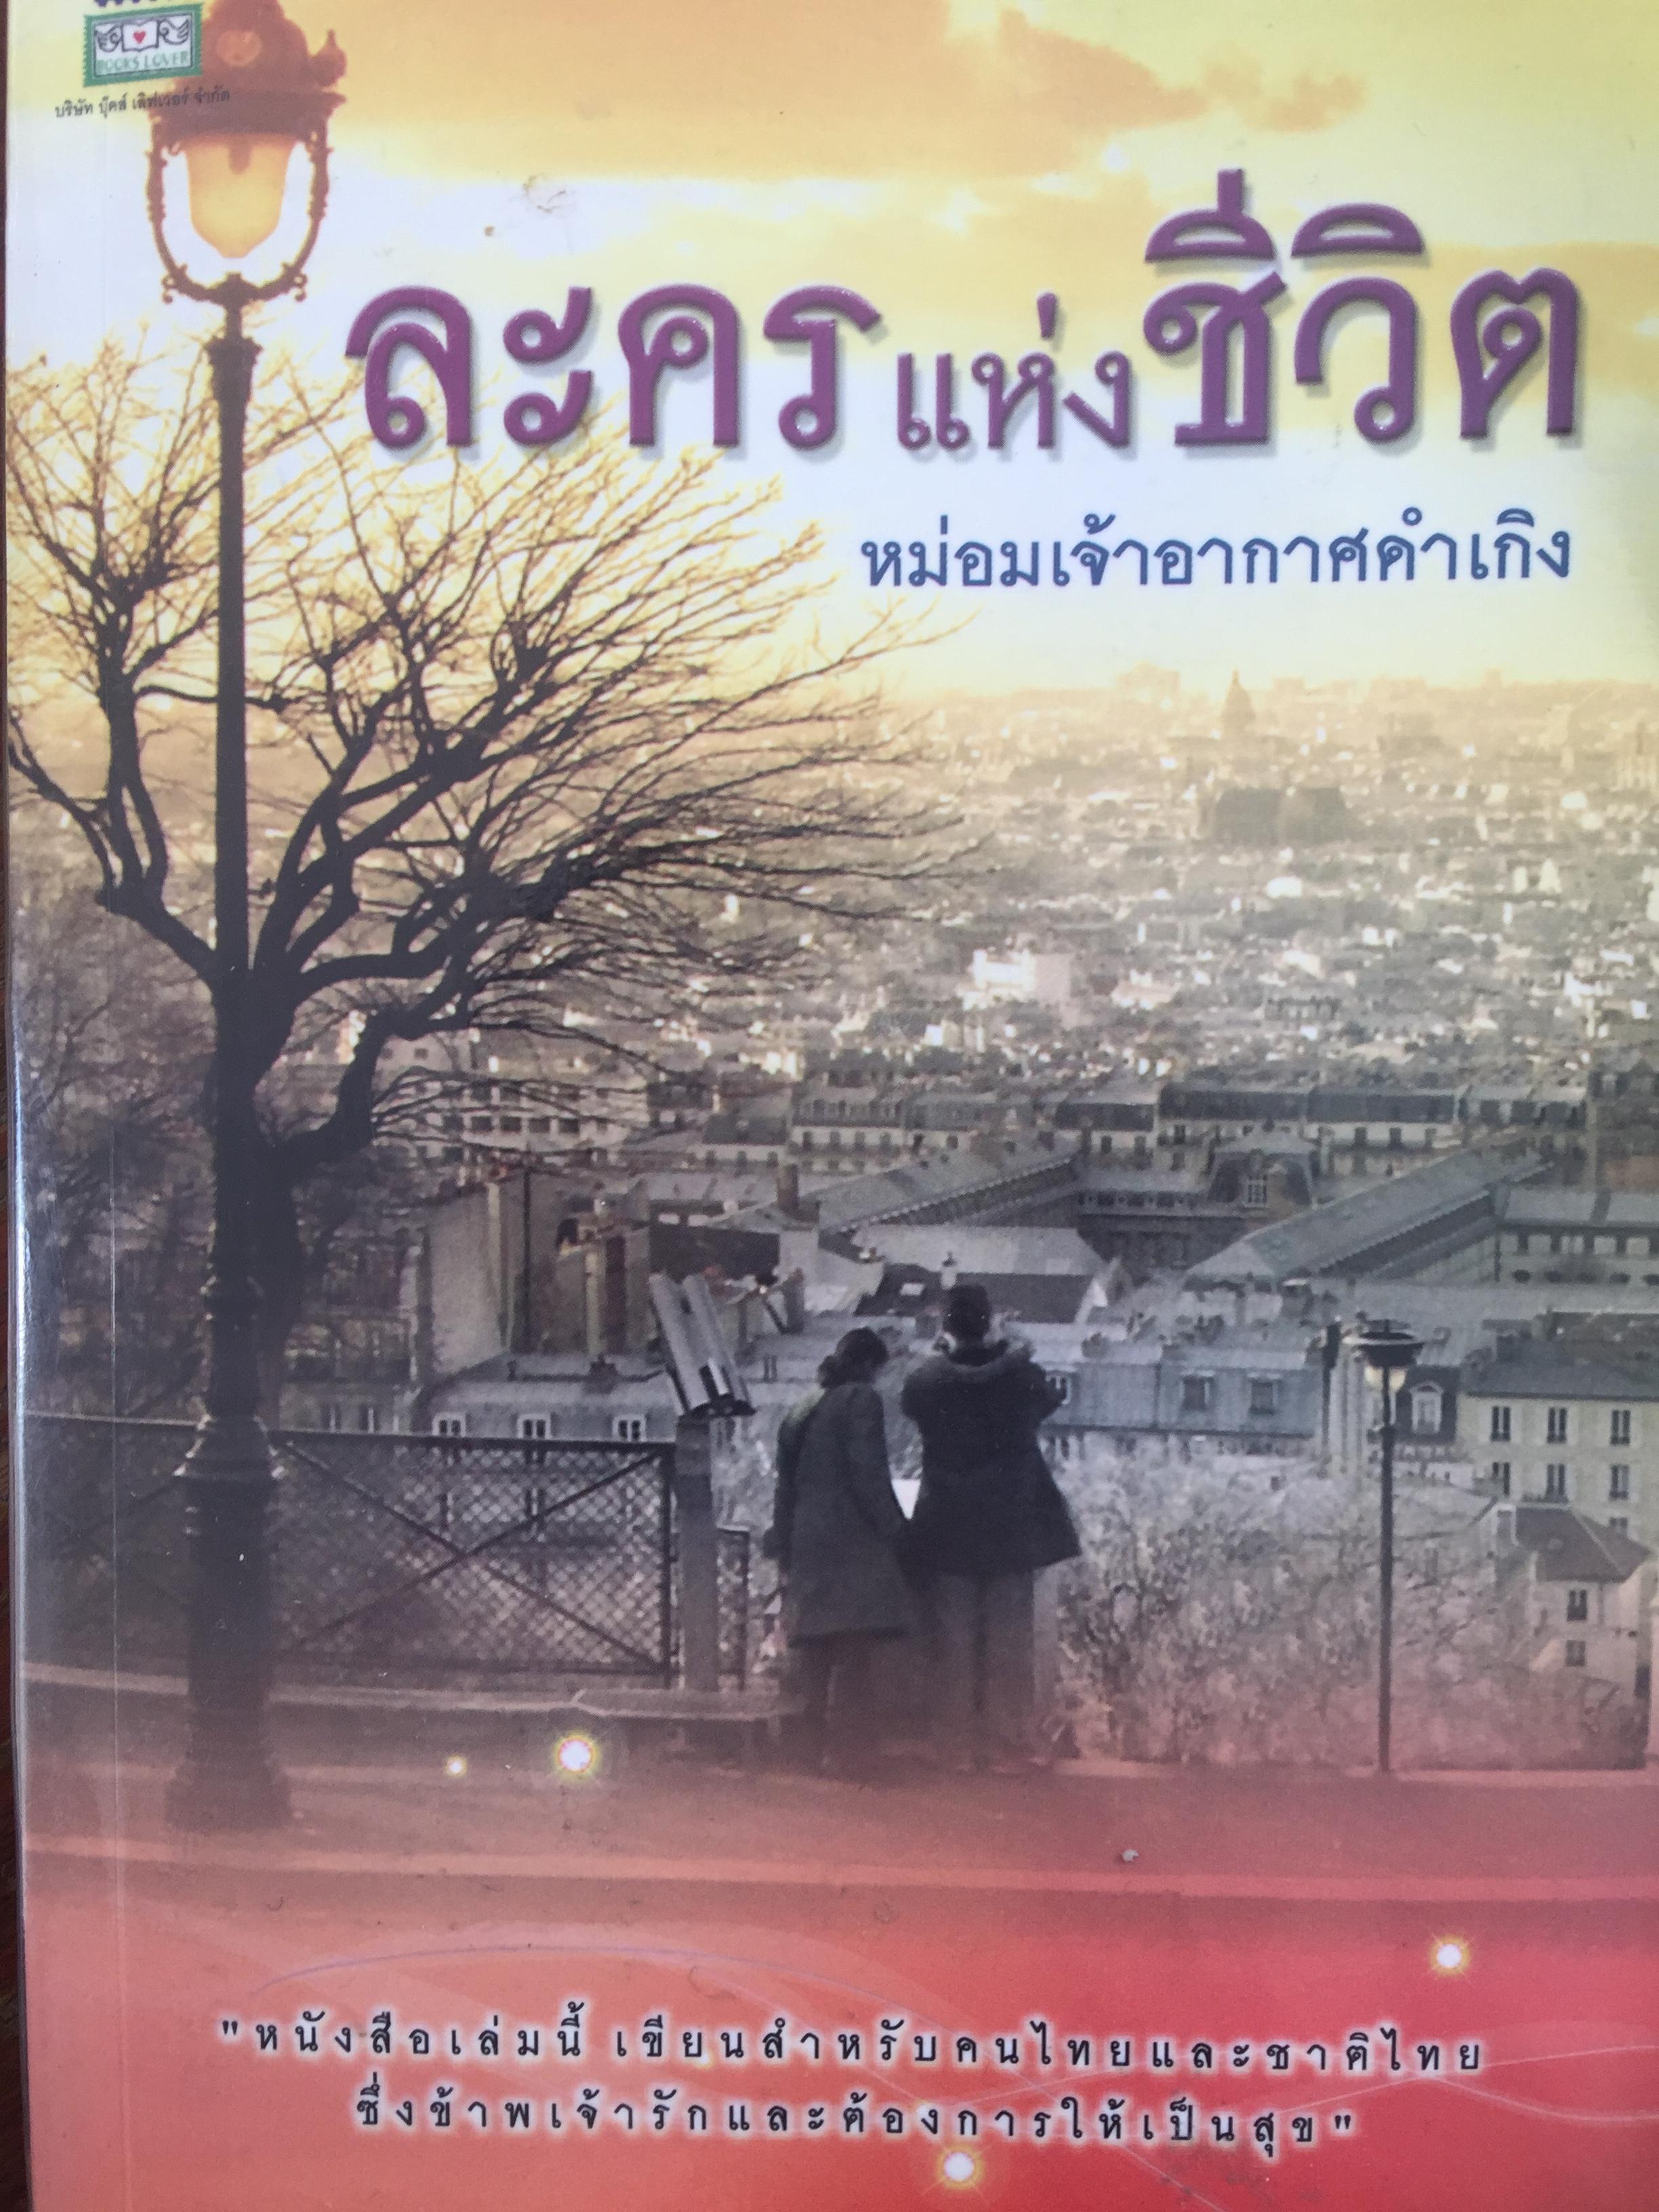 ละครแห่งชีวิต หม่อมเจ้าอากาศดำเกิง. หนังสือเล่มนี้ เขียนสำหรับคนไทยและชาติไทย ซึ่งข้าพเจ้ารักและต้องการให้เป็นสุข